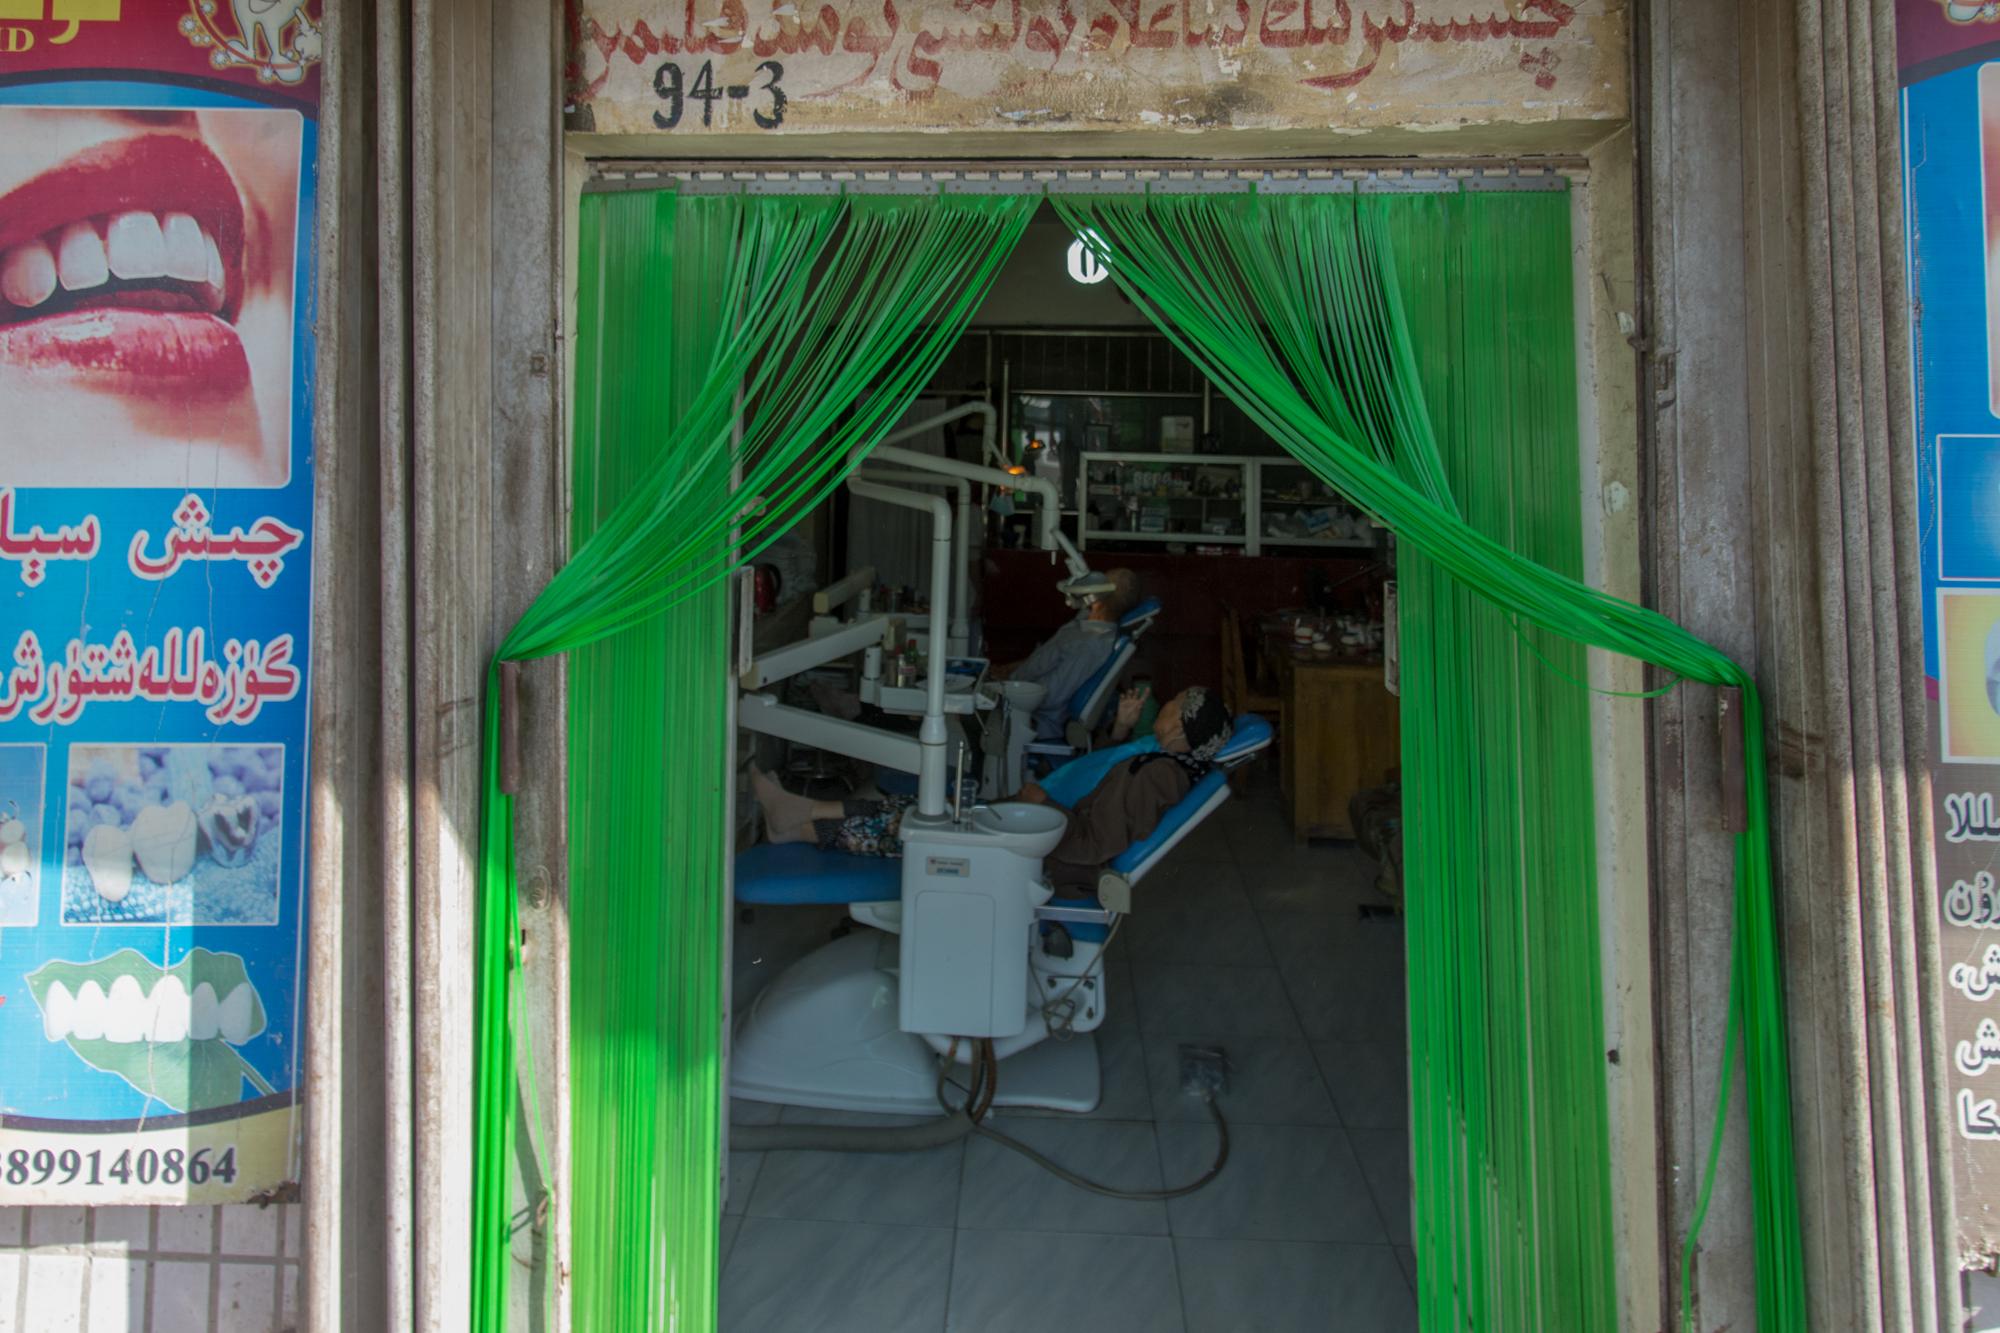 Streetside Dentist, Kashgar Baazar